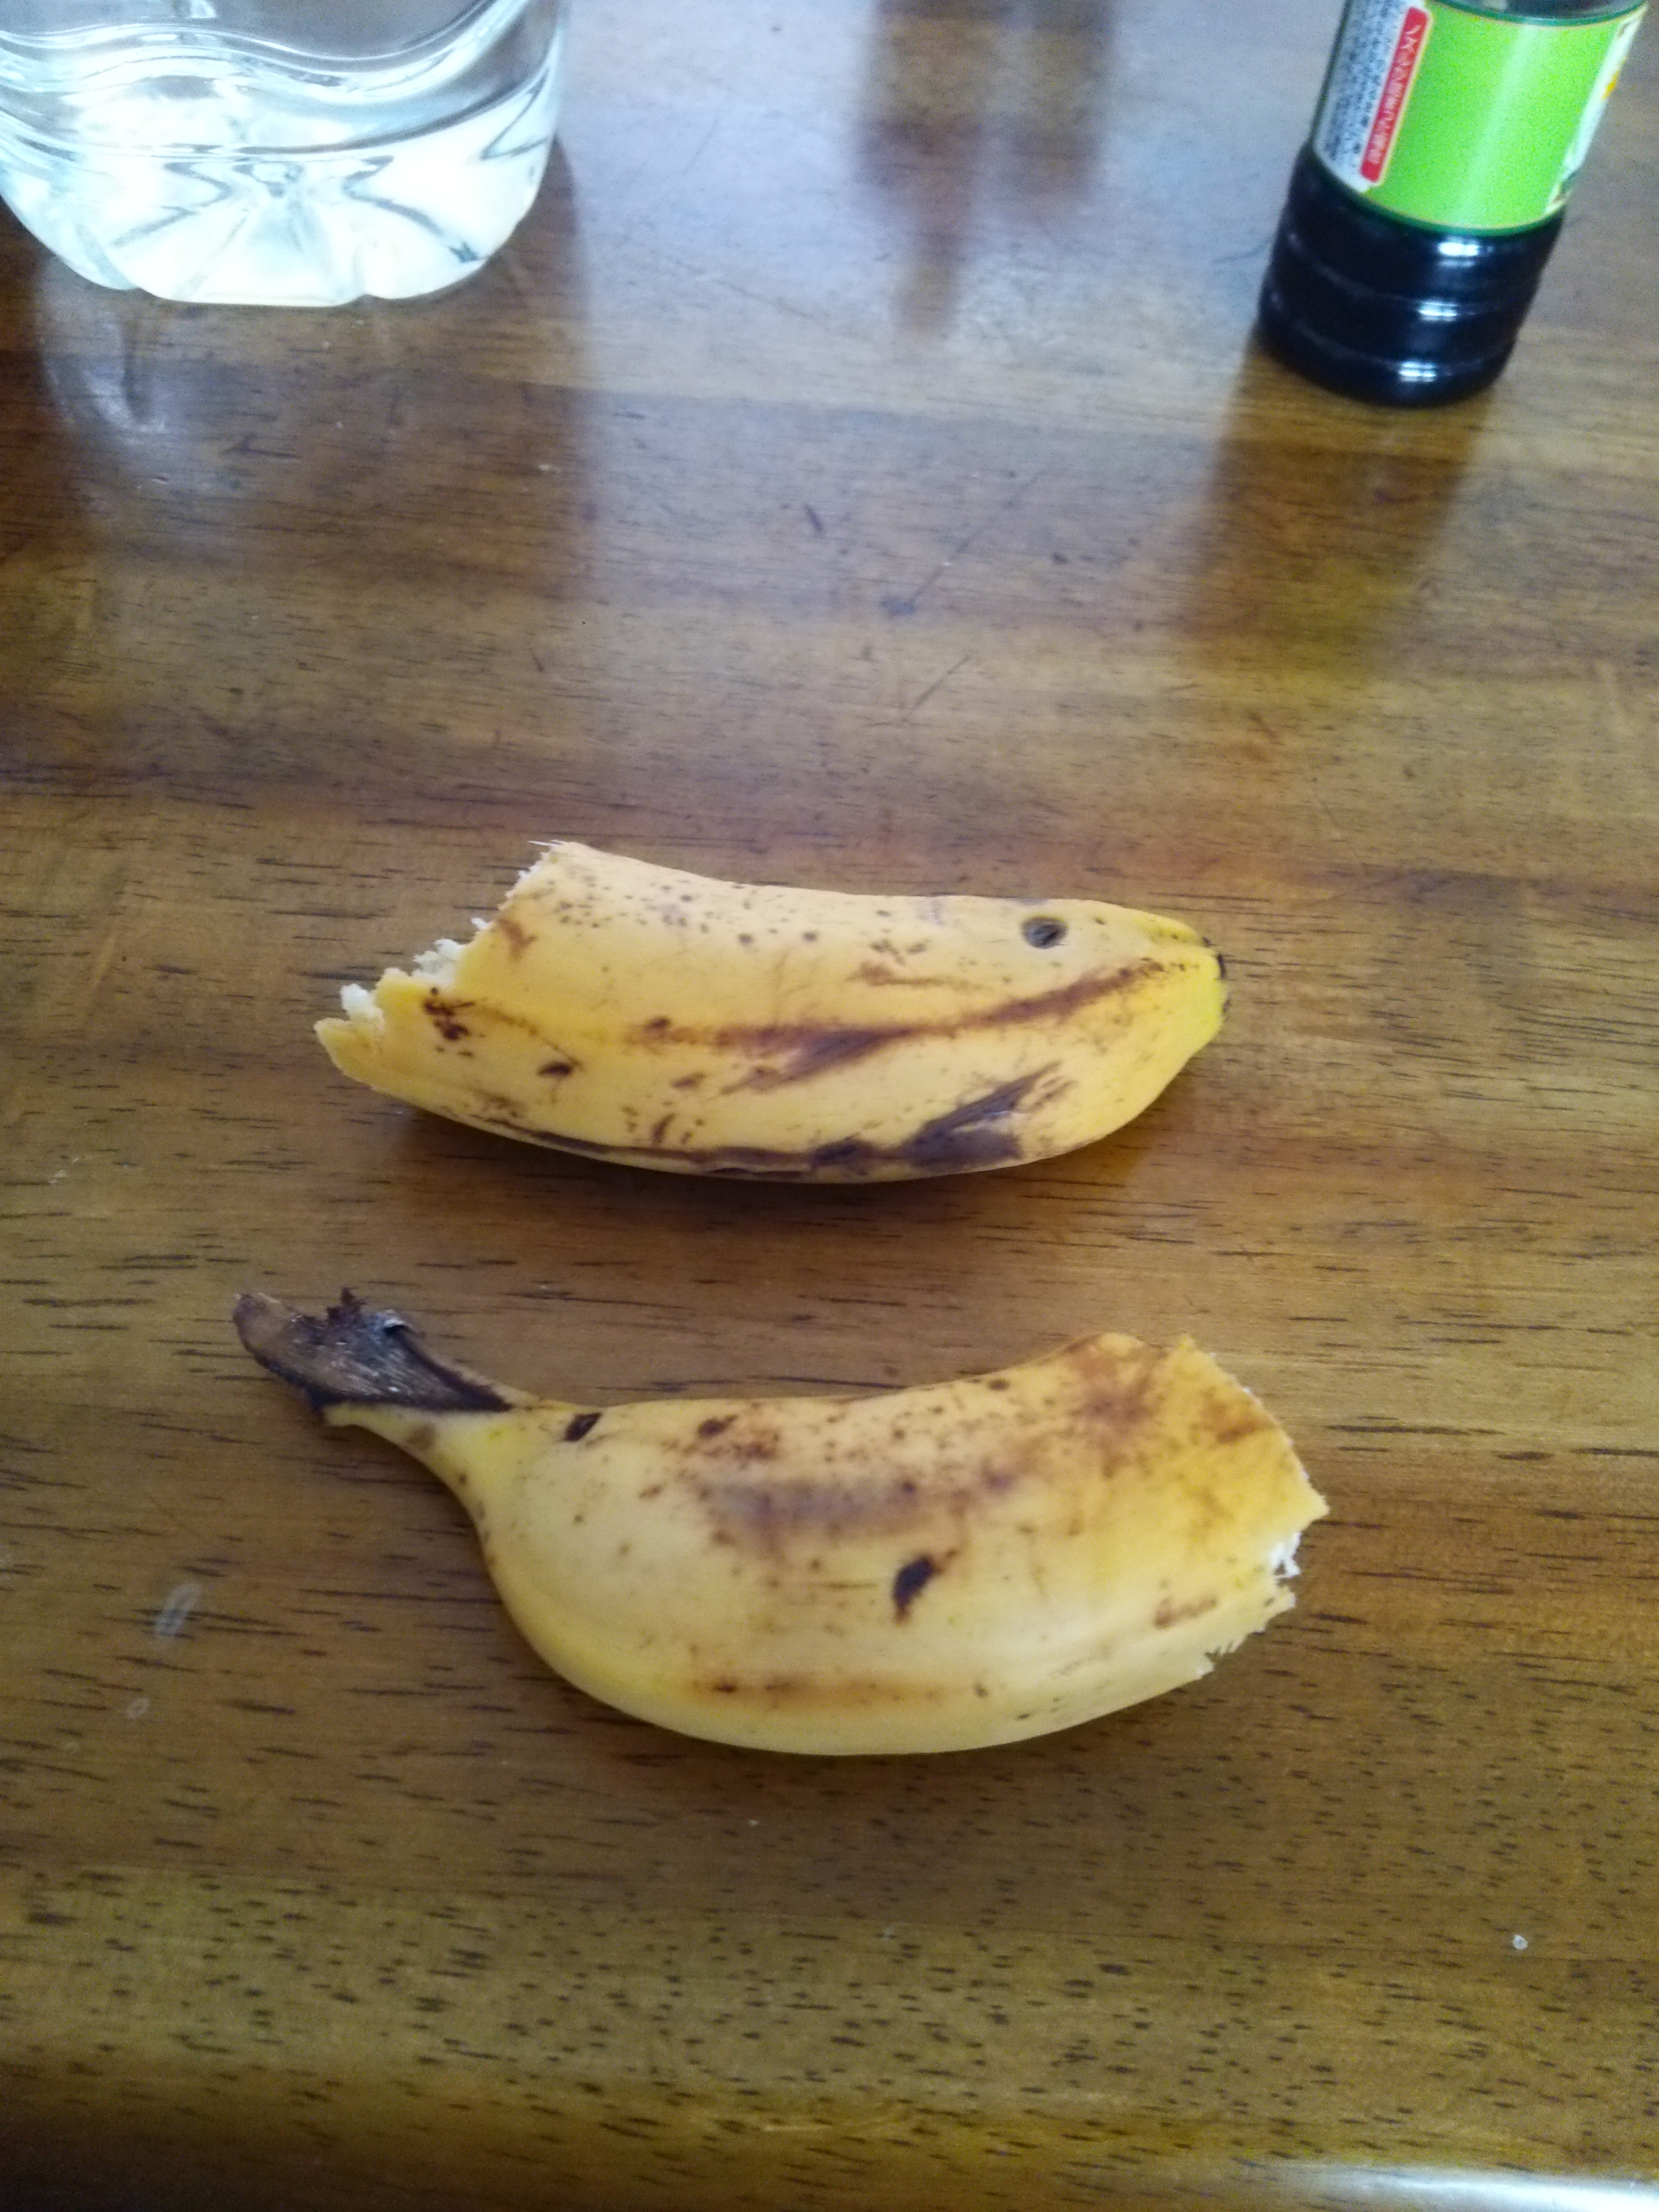 半分のバナナ